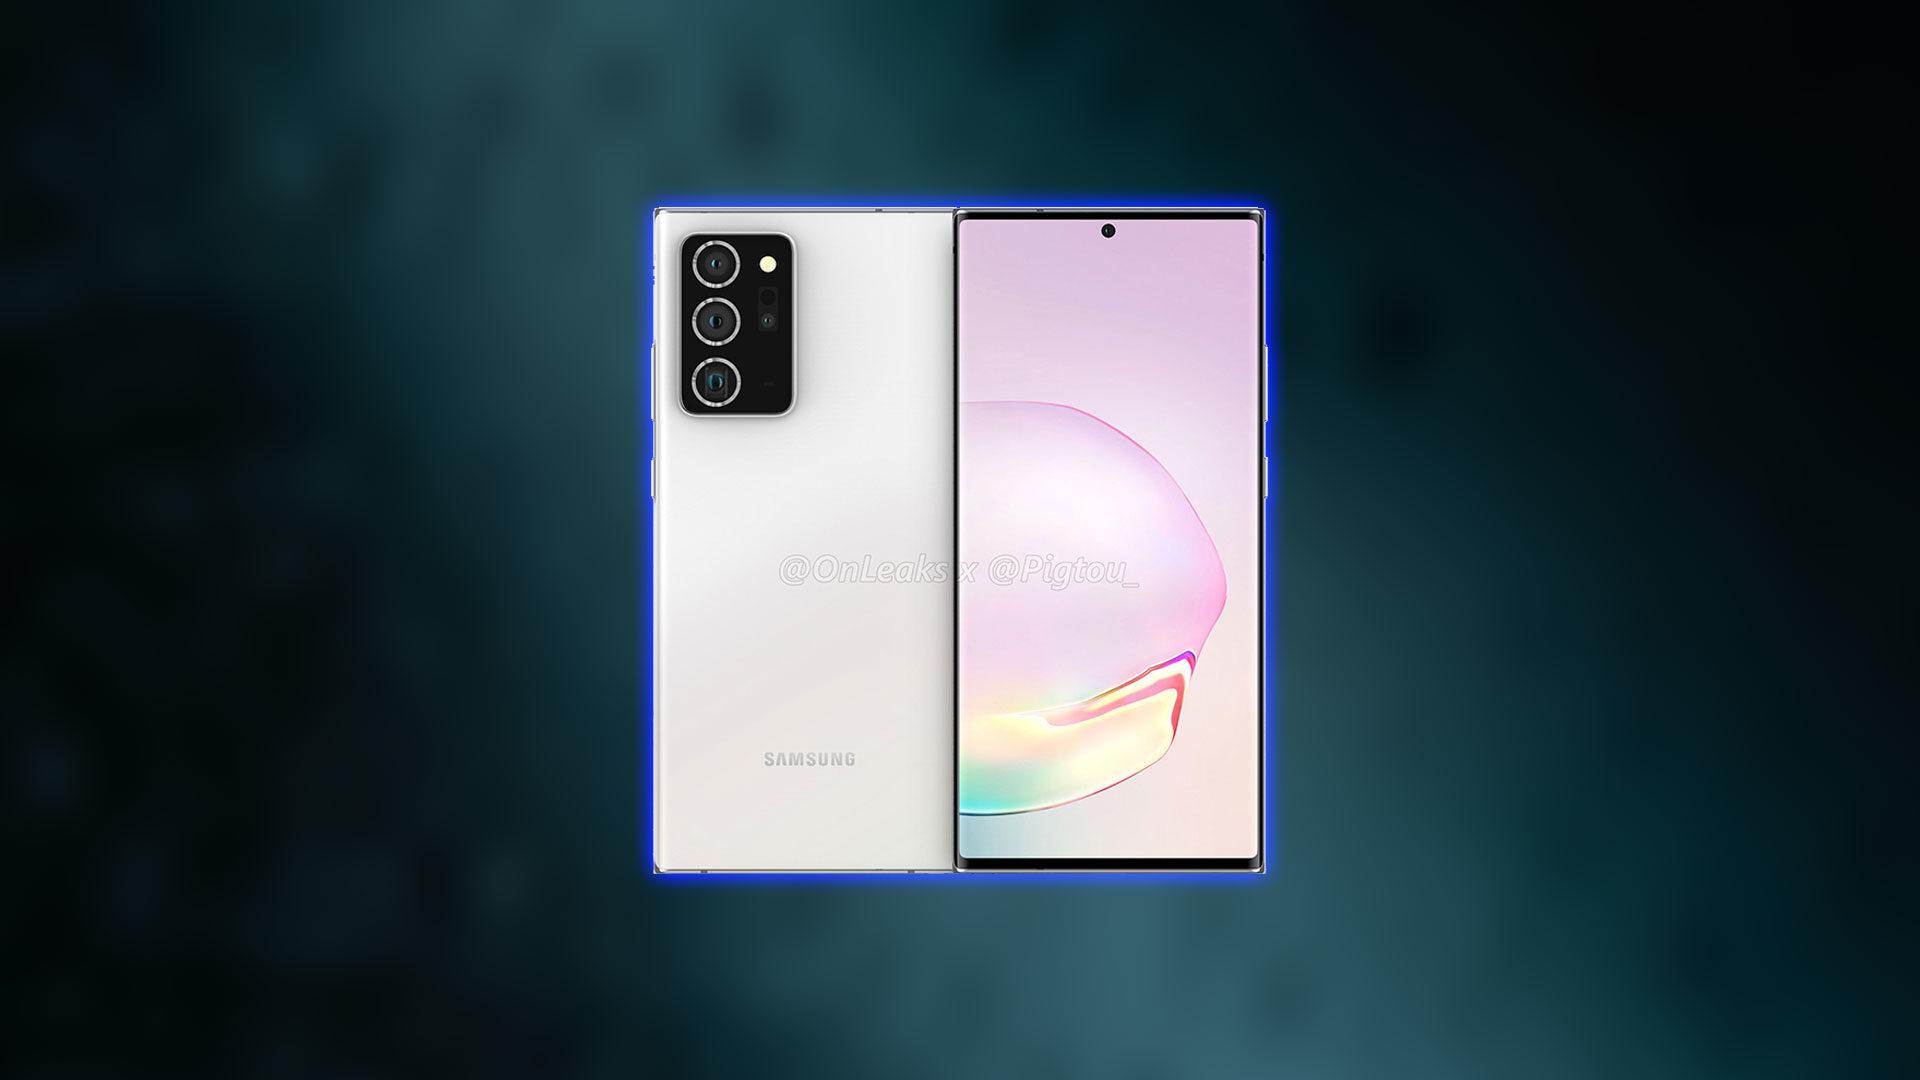 モデル番号と名称が一致しない「Galaxy Note20 Ultra」がBluetooth認証より発見される